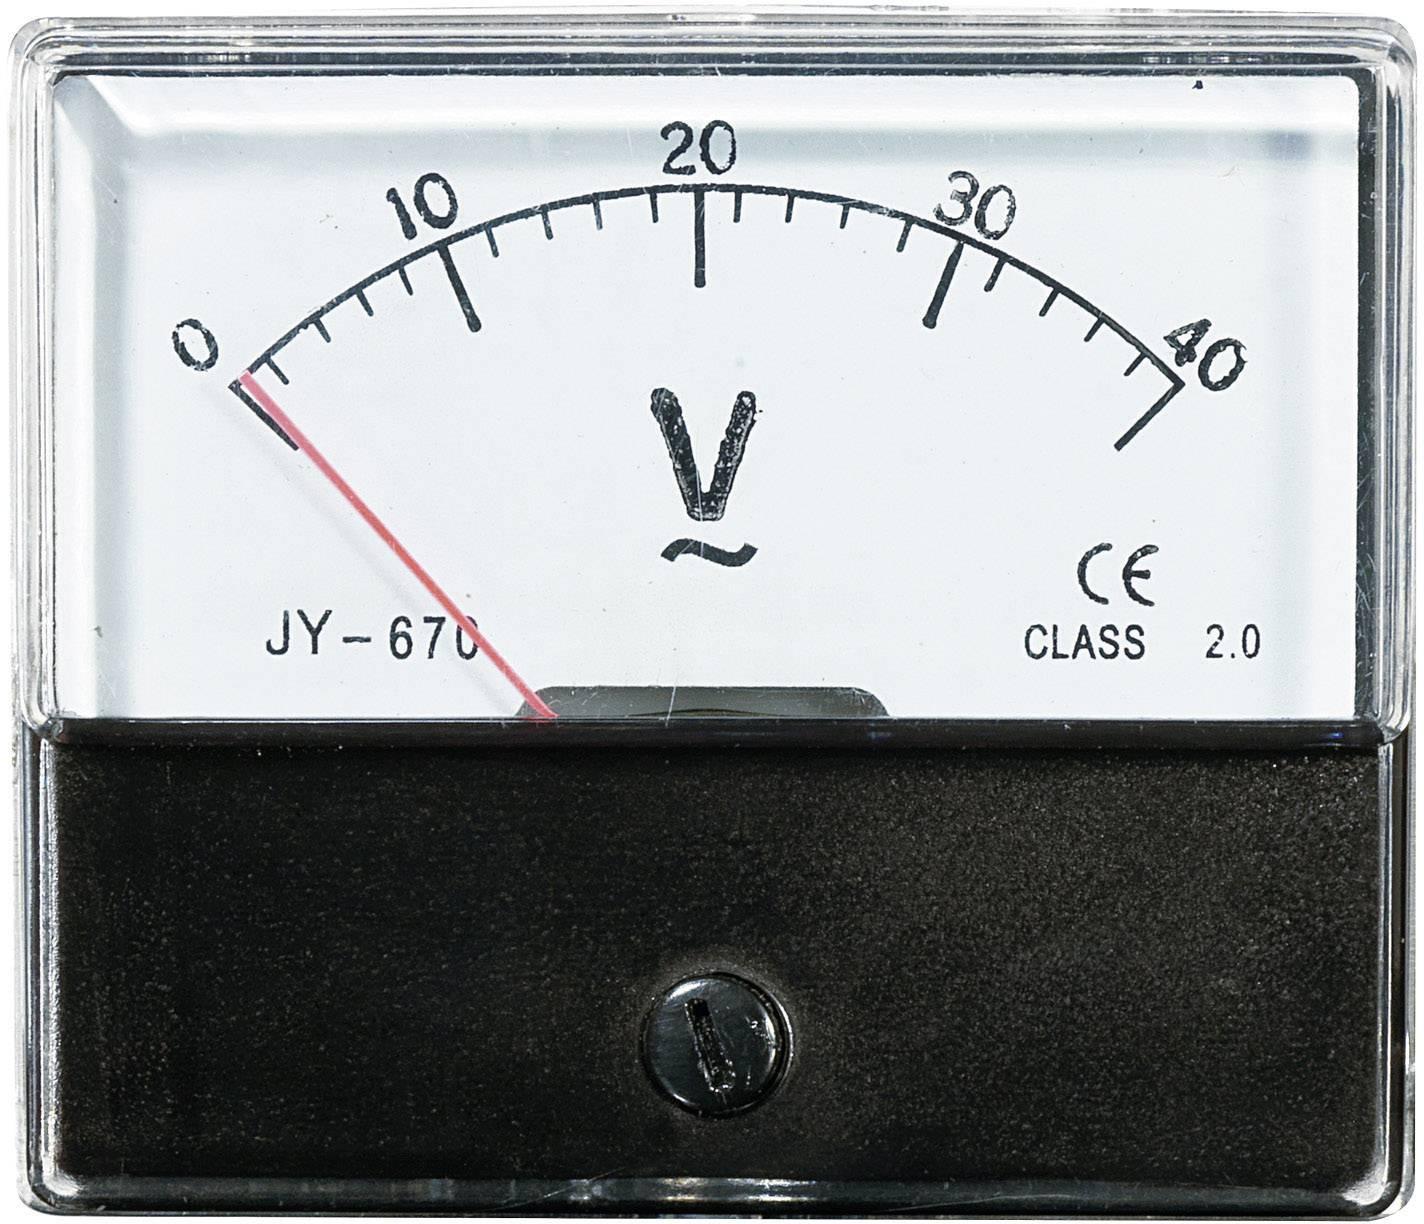 Panelové meradlo Voltcraft AM-70x60, 40 V